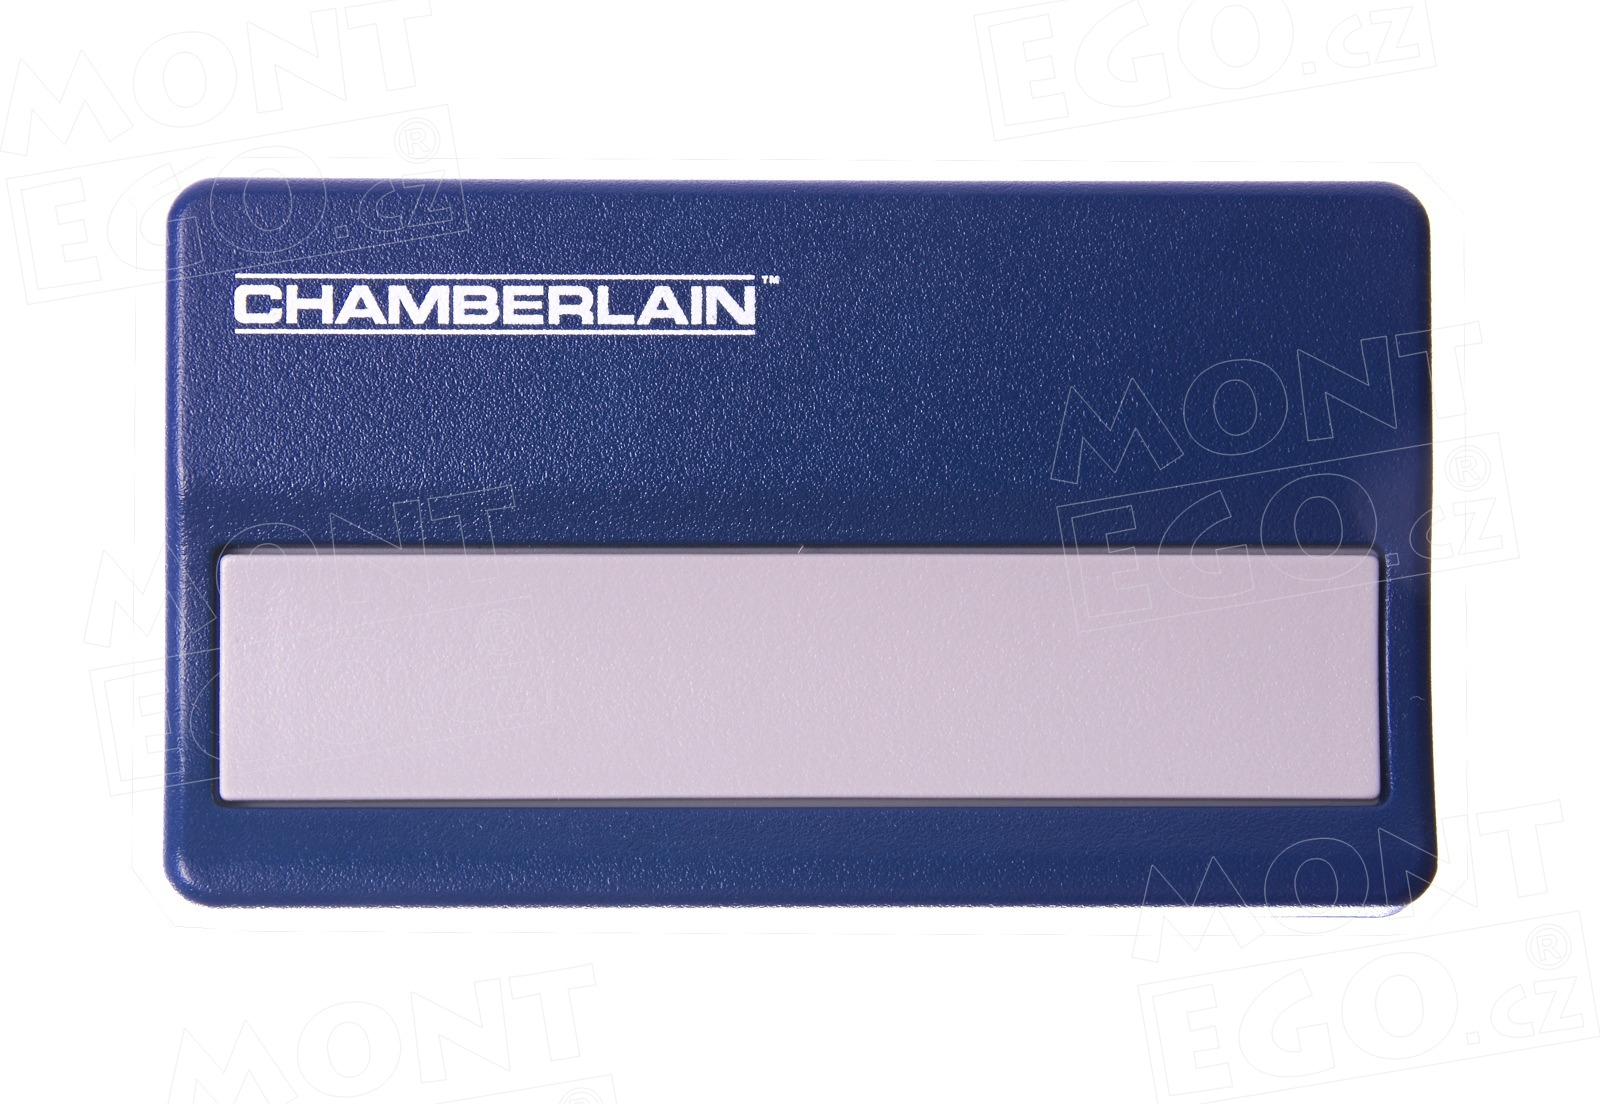 Dálkový ovladač Chamberlain Motorlift (Liftmaster) 84330EML, 1-kanálový, 433,92 MHz